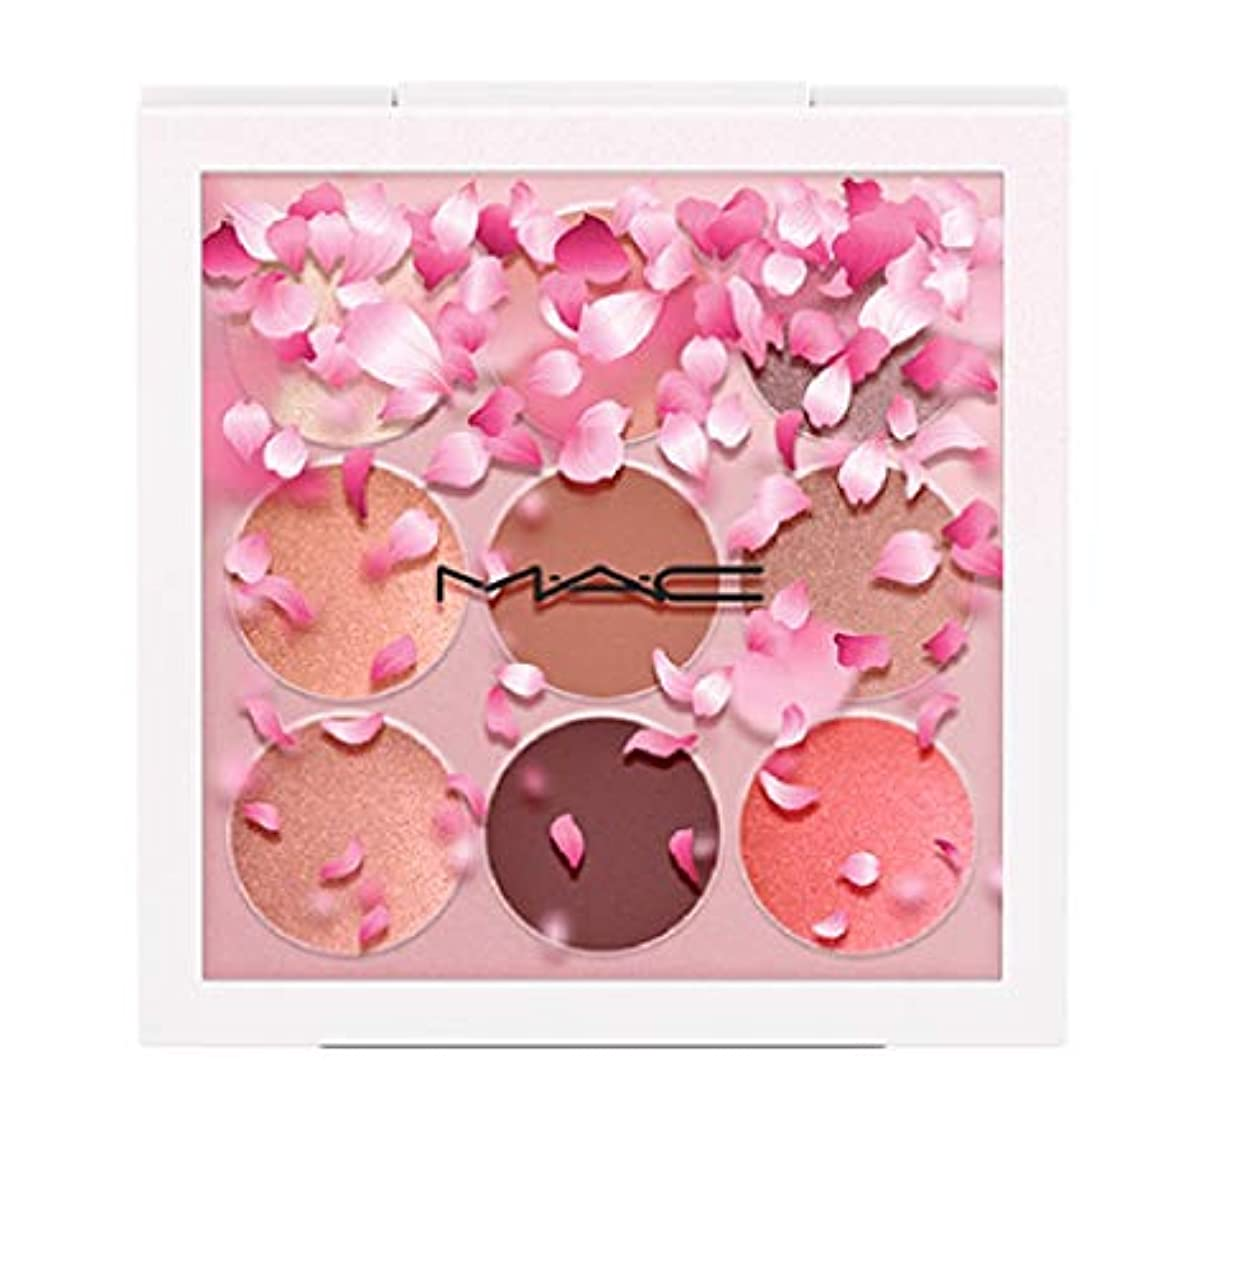 ペンダント偏心確認してください【M?A?C(マック)】スモール アイシャドウ × 9(カブキ ドール) 限定 アイシャドウ パレット 桜 BOOM, BOOM, BLOOM